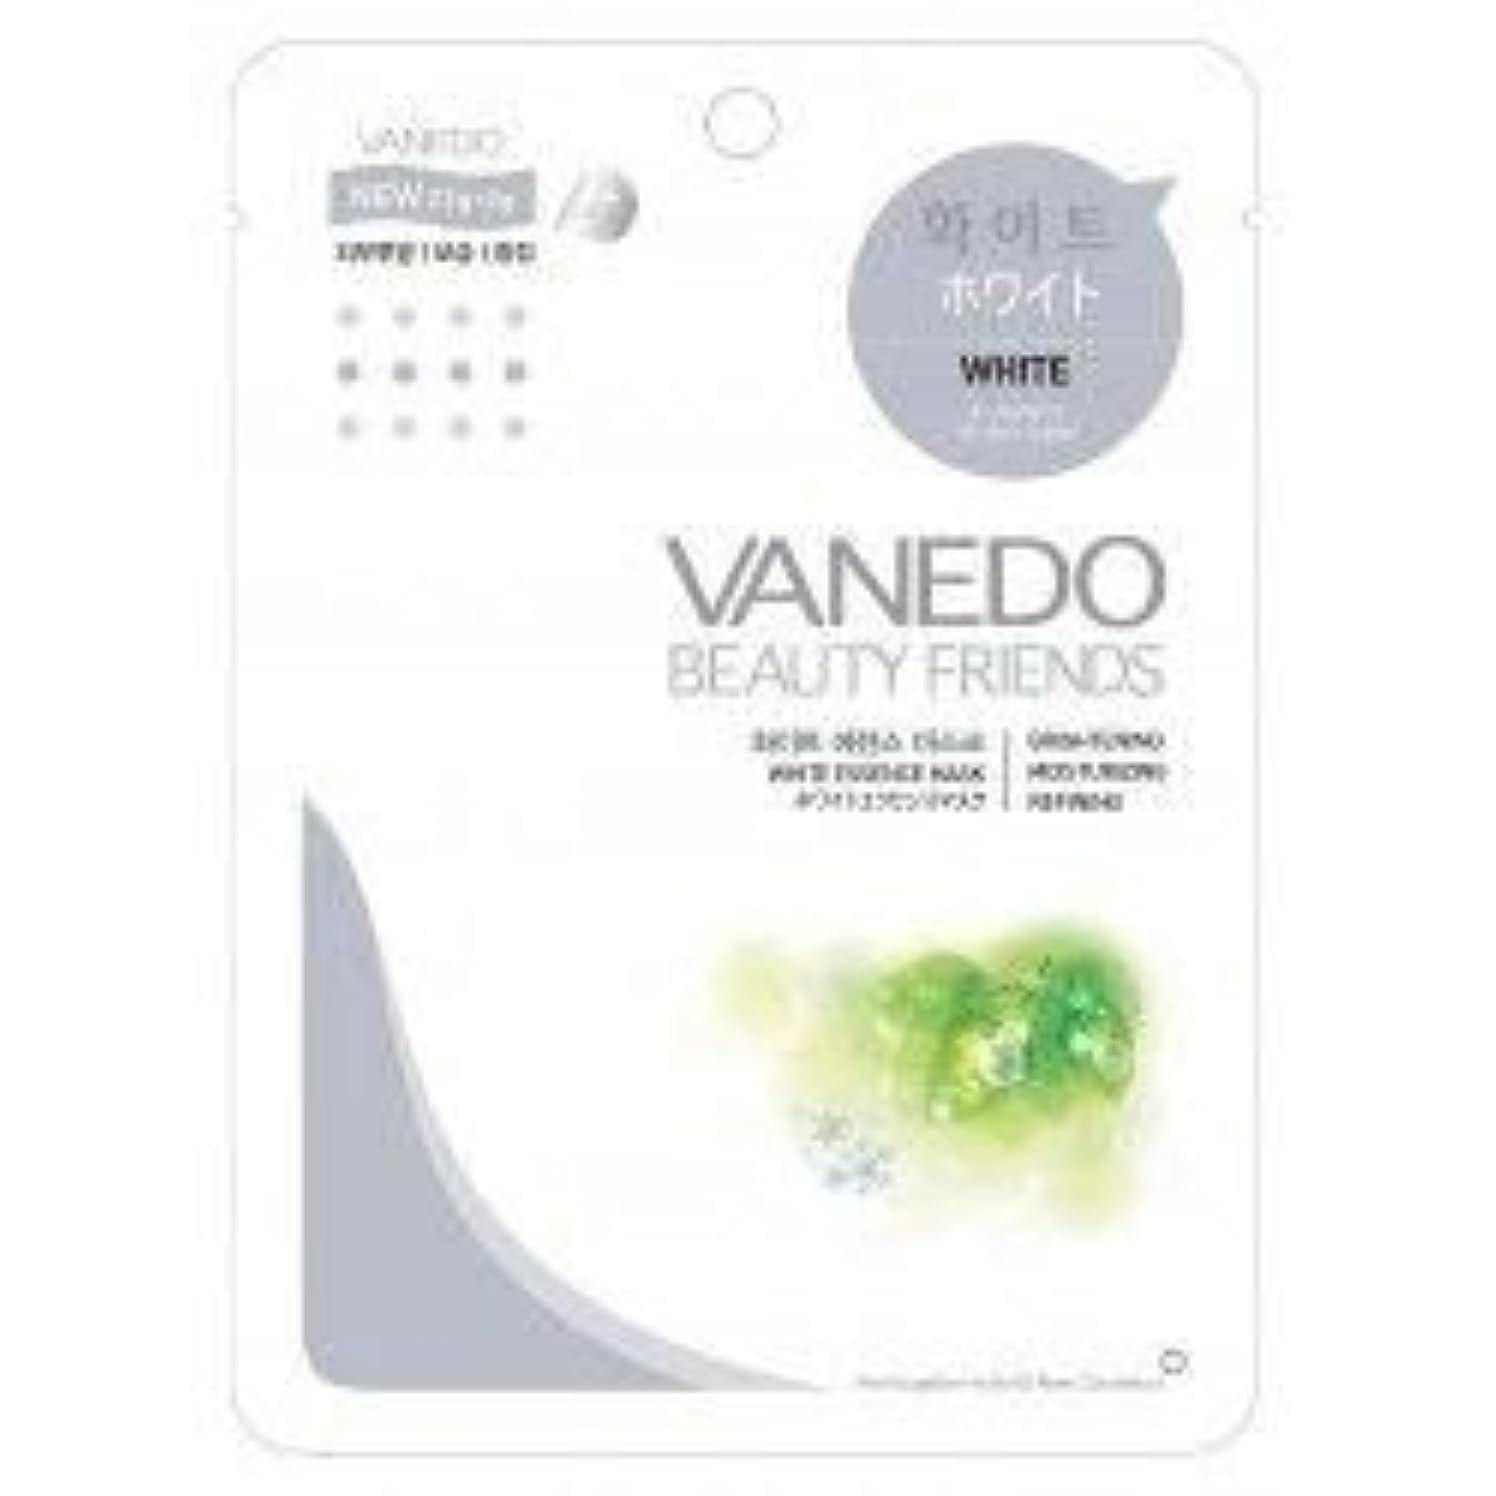 契約したなぜなら一人でVANEDO(バネド) エッセンスマスクシートパック <1種類x10枚セット> (ホワイト)